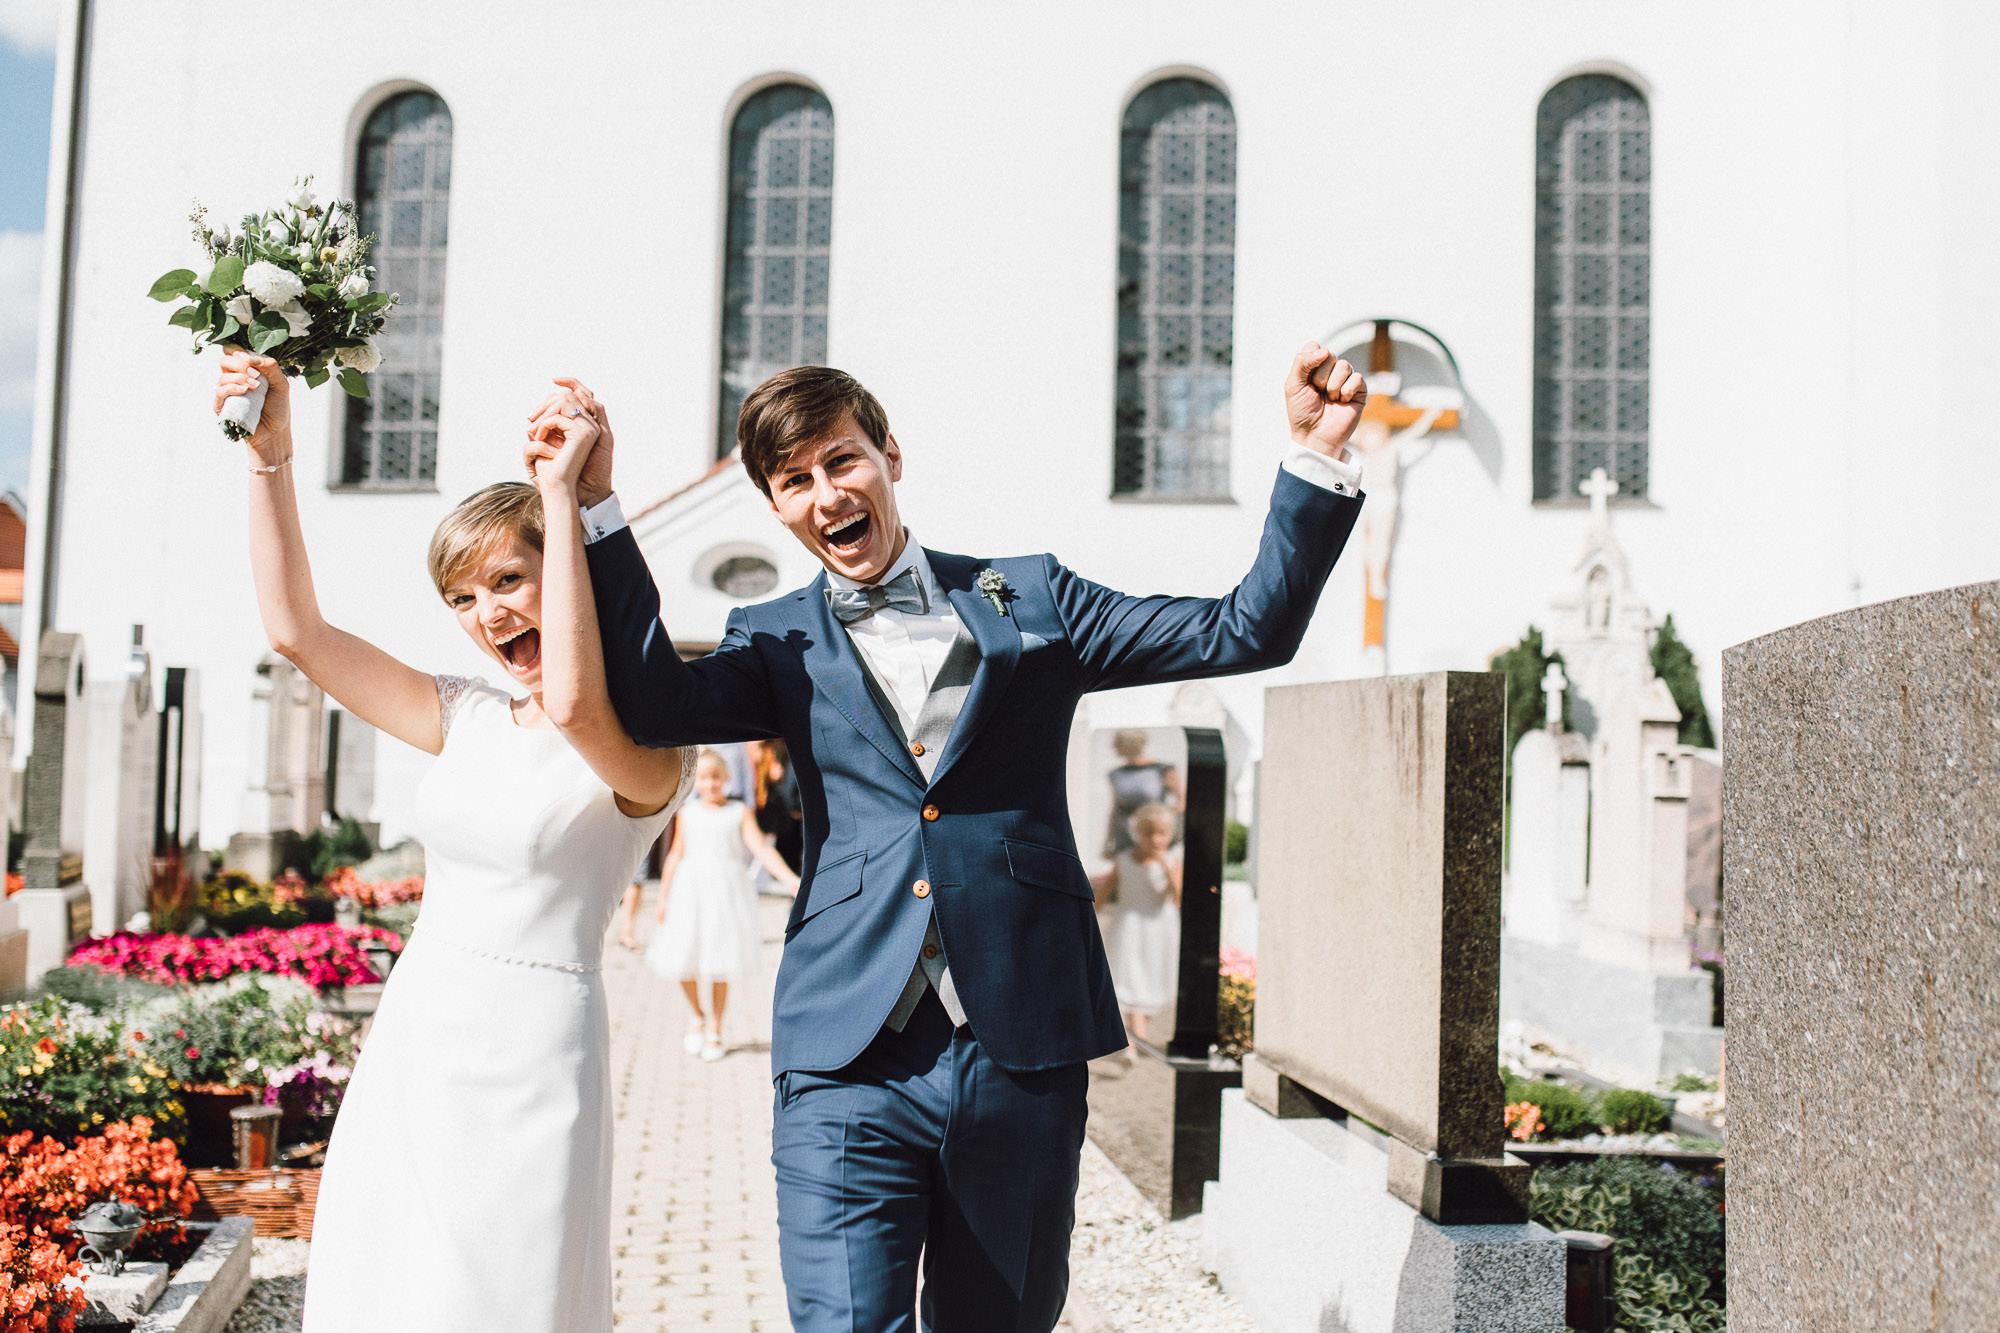 greenery-wedding-hochzeit-prielhof-sukkulenten-scheyern-lauraelenaphotography-054